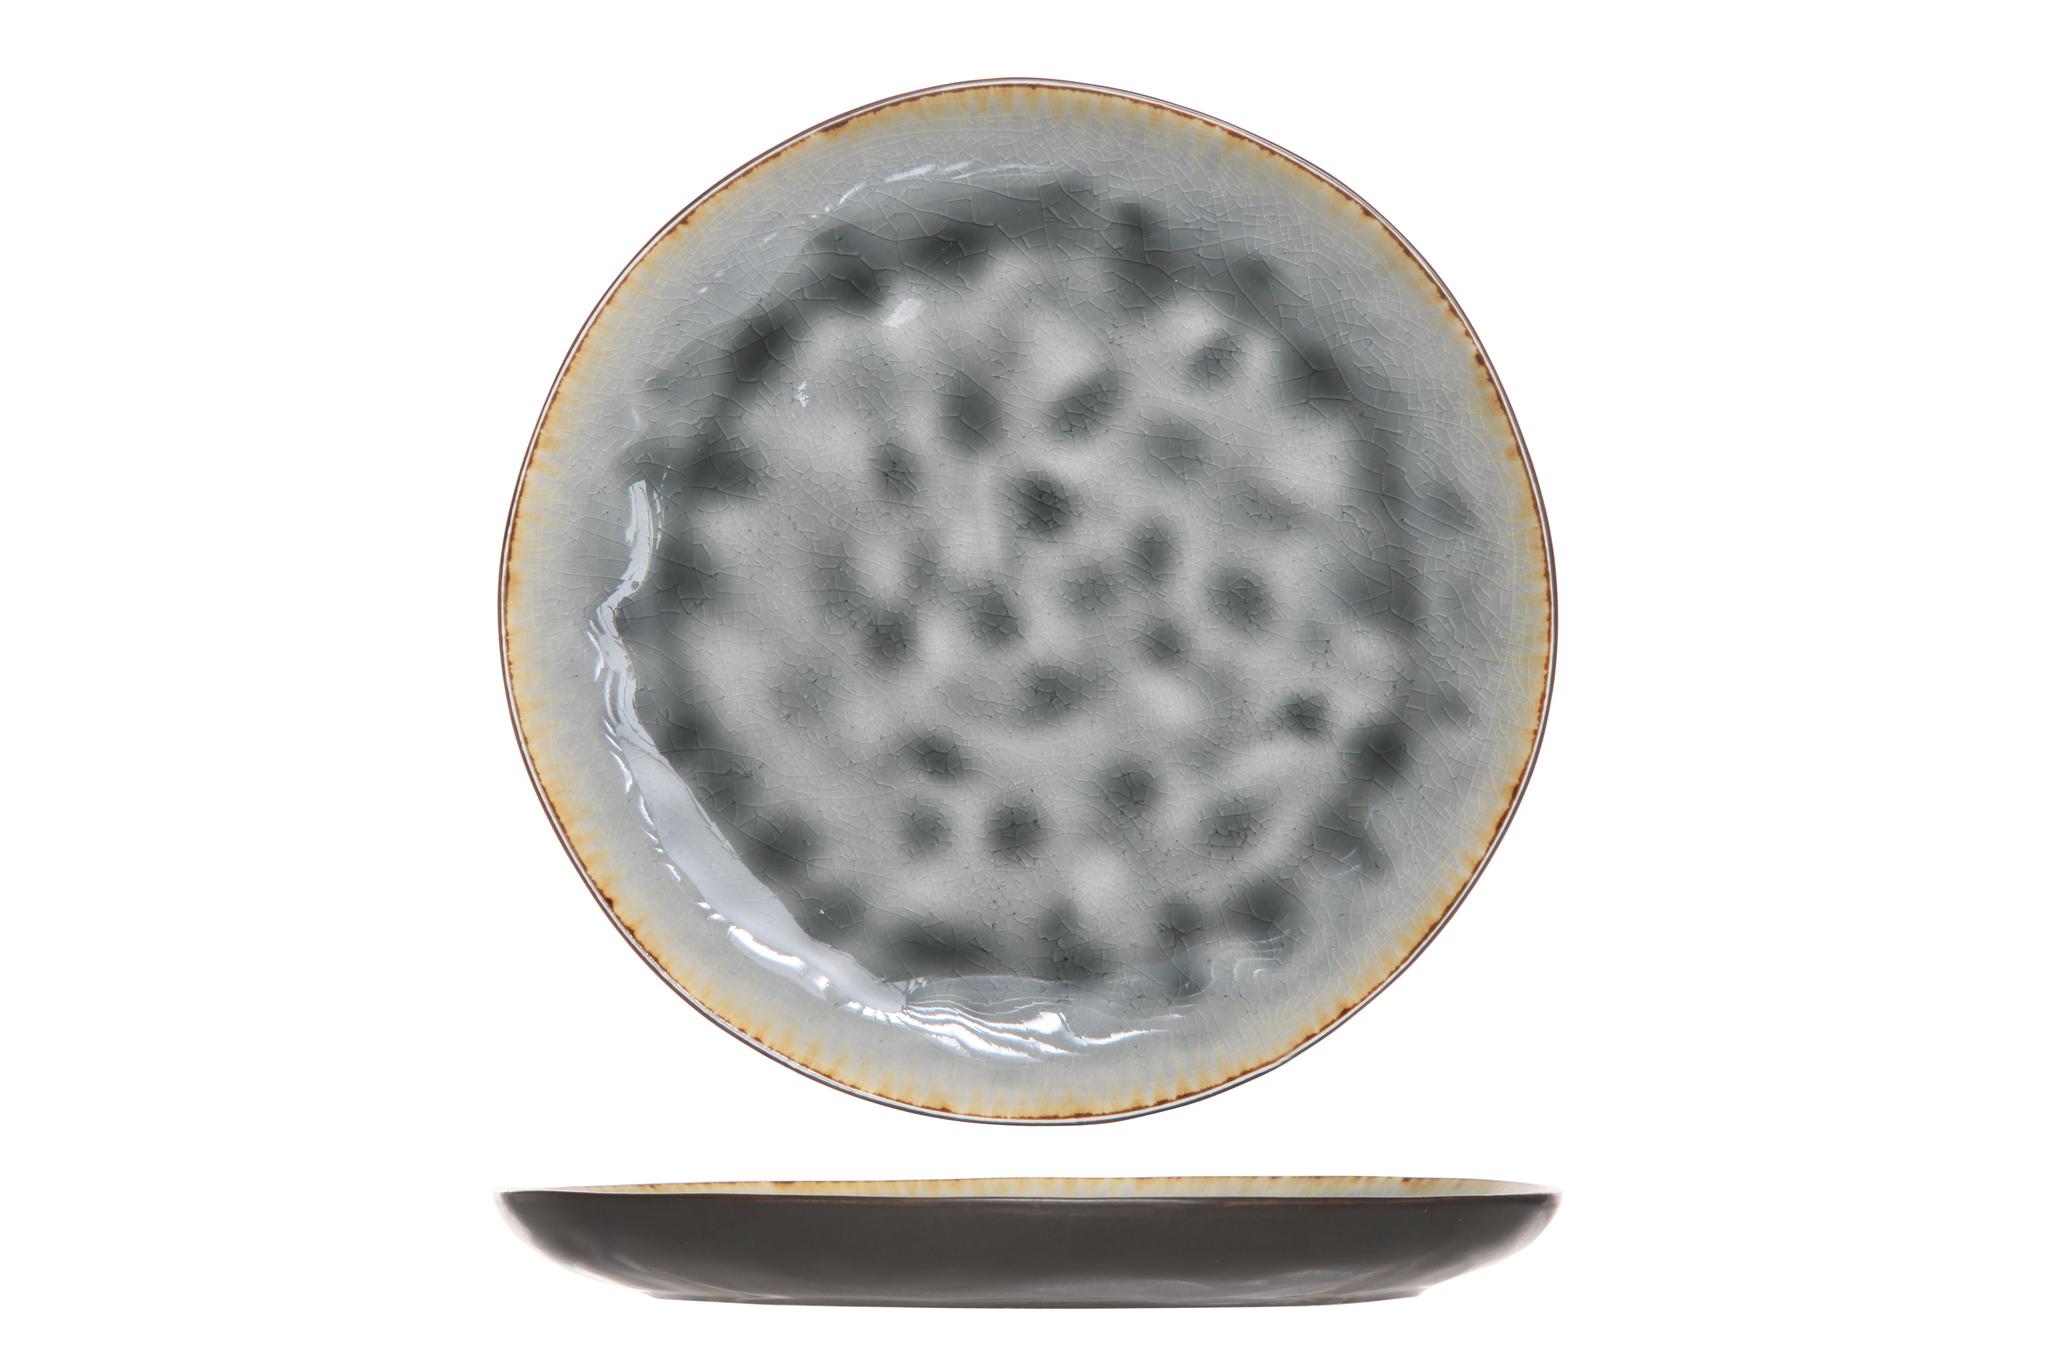 Тарелка для десерта 20 см COSY&amp;TRENDY Laguna blue-grey 5556317Новинки<br>Тарелка для десерта 20 см COSY&amp;TRENDY Laguna blue-grey 5556317<br><br>Эта коллекция из каменной керамики поражает удивительным цветом, текстурой и формой. Насыщенный ярко-серый оттенок с волнистым рельефом погружают в прибрежную лагуну. Органические края для дополнительного дизайна. Коллекция Laguna Blue-Grey воссоздает исключительный внешний вид приготовленных блюд.<br>